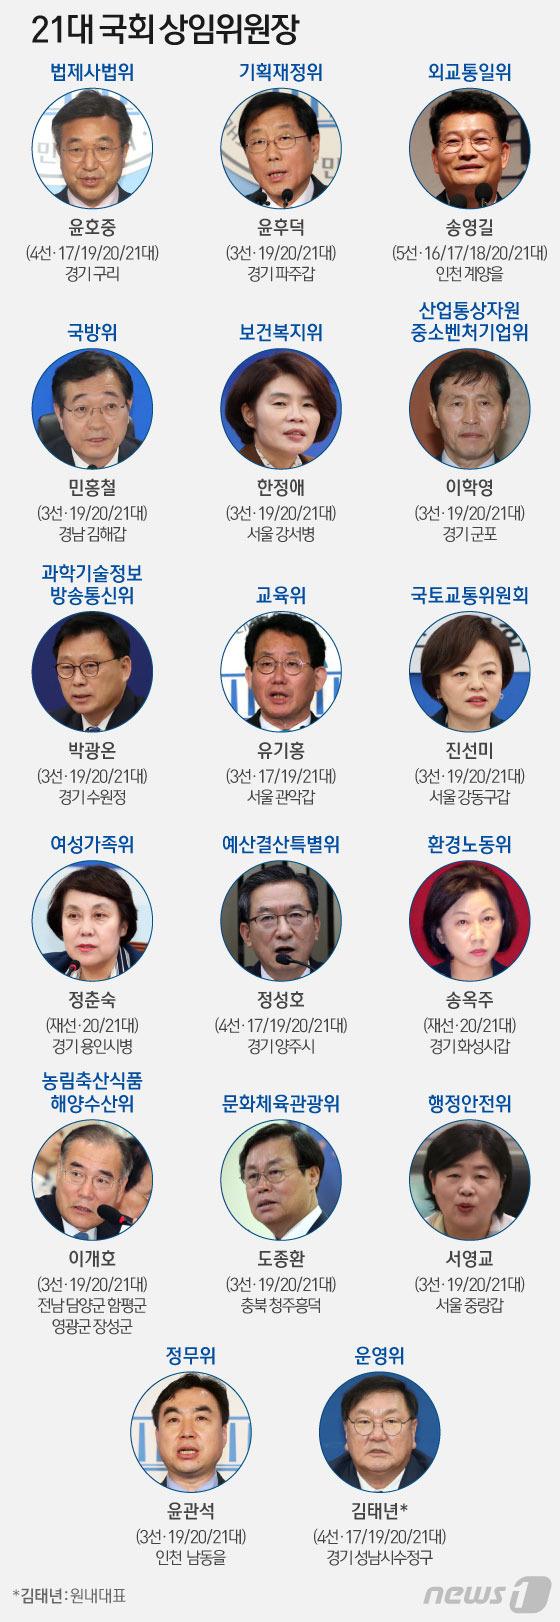 [그래픽] 21대 국회 전반기 상임위원장 선출